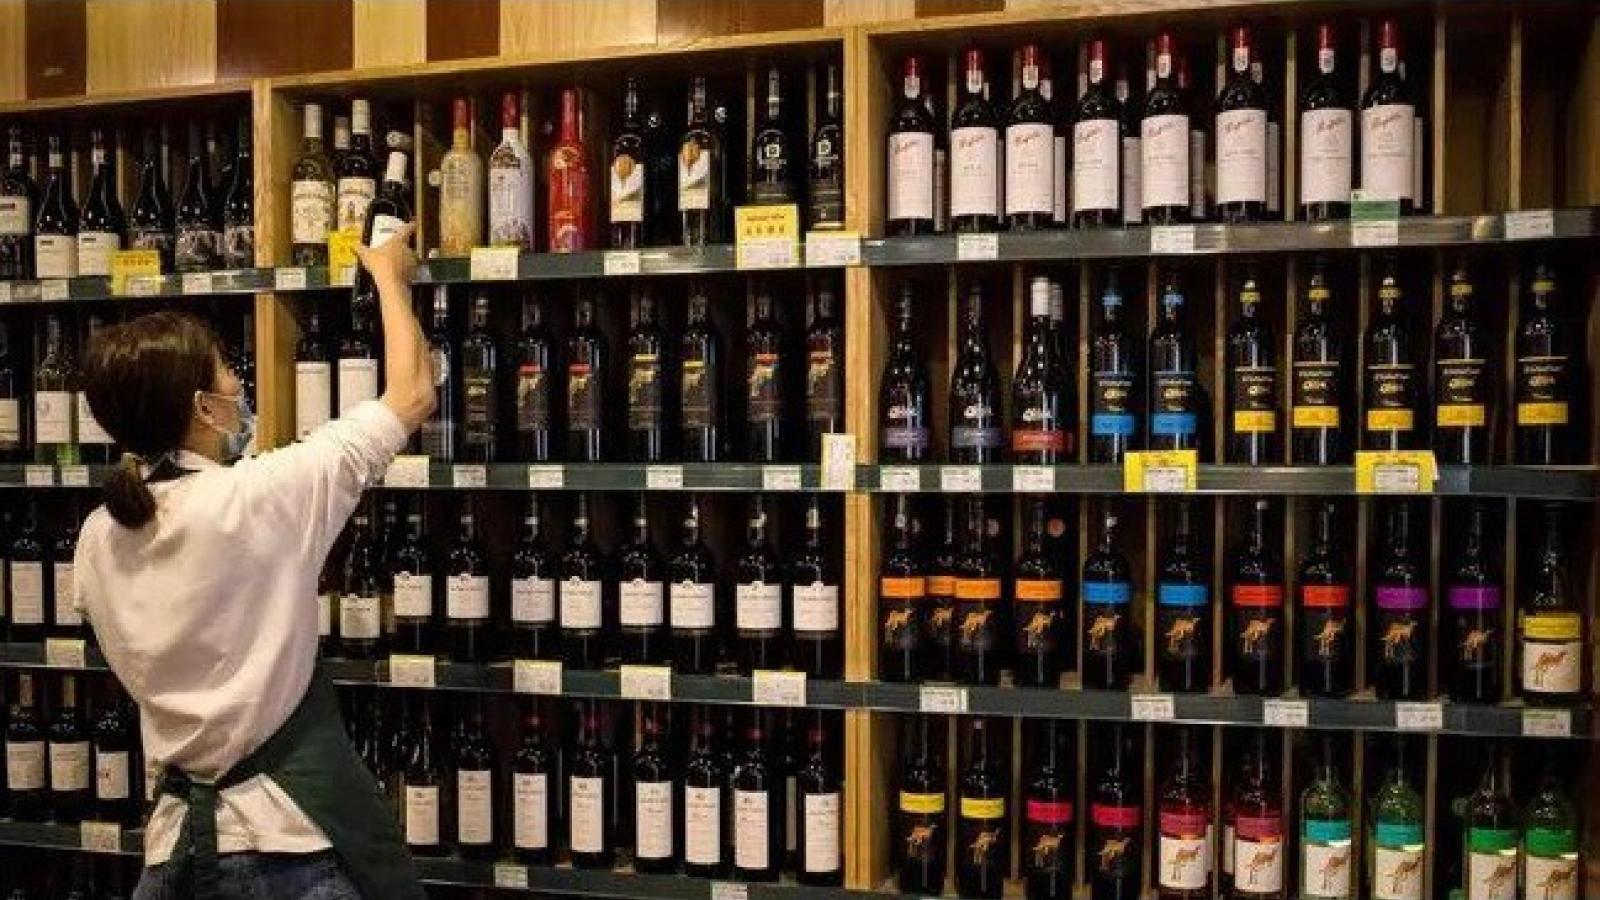 Xuất khẩu rượu vang của Australia đạt 3 tỷ AUD